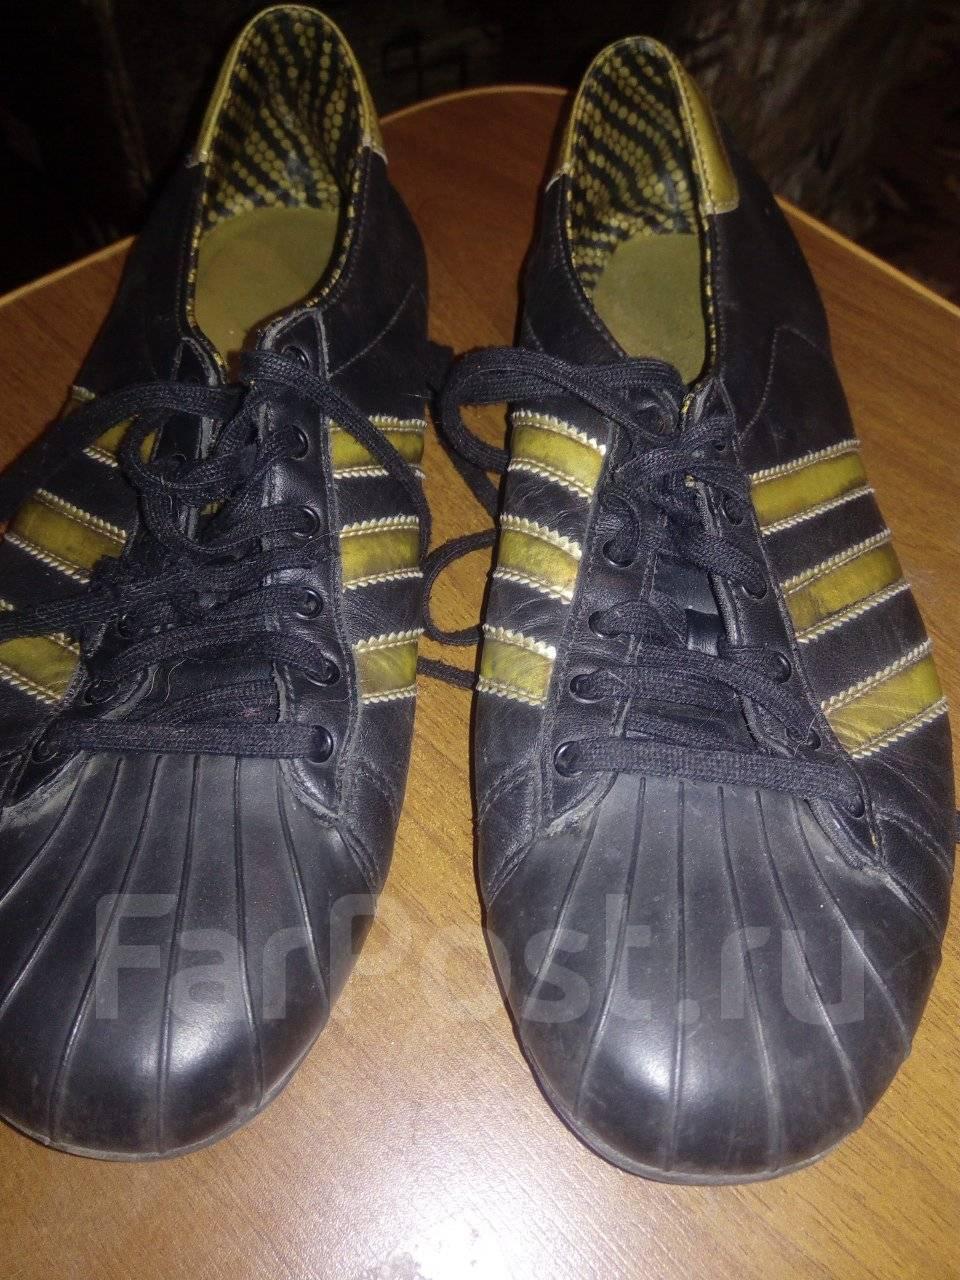 Детские кроссовки Размер  36 размера - купить во Владивостоке. Цены. Фото. f2dd6c1f3d0